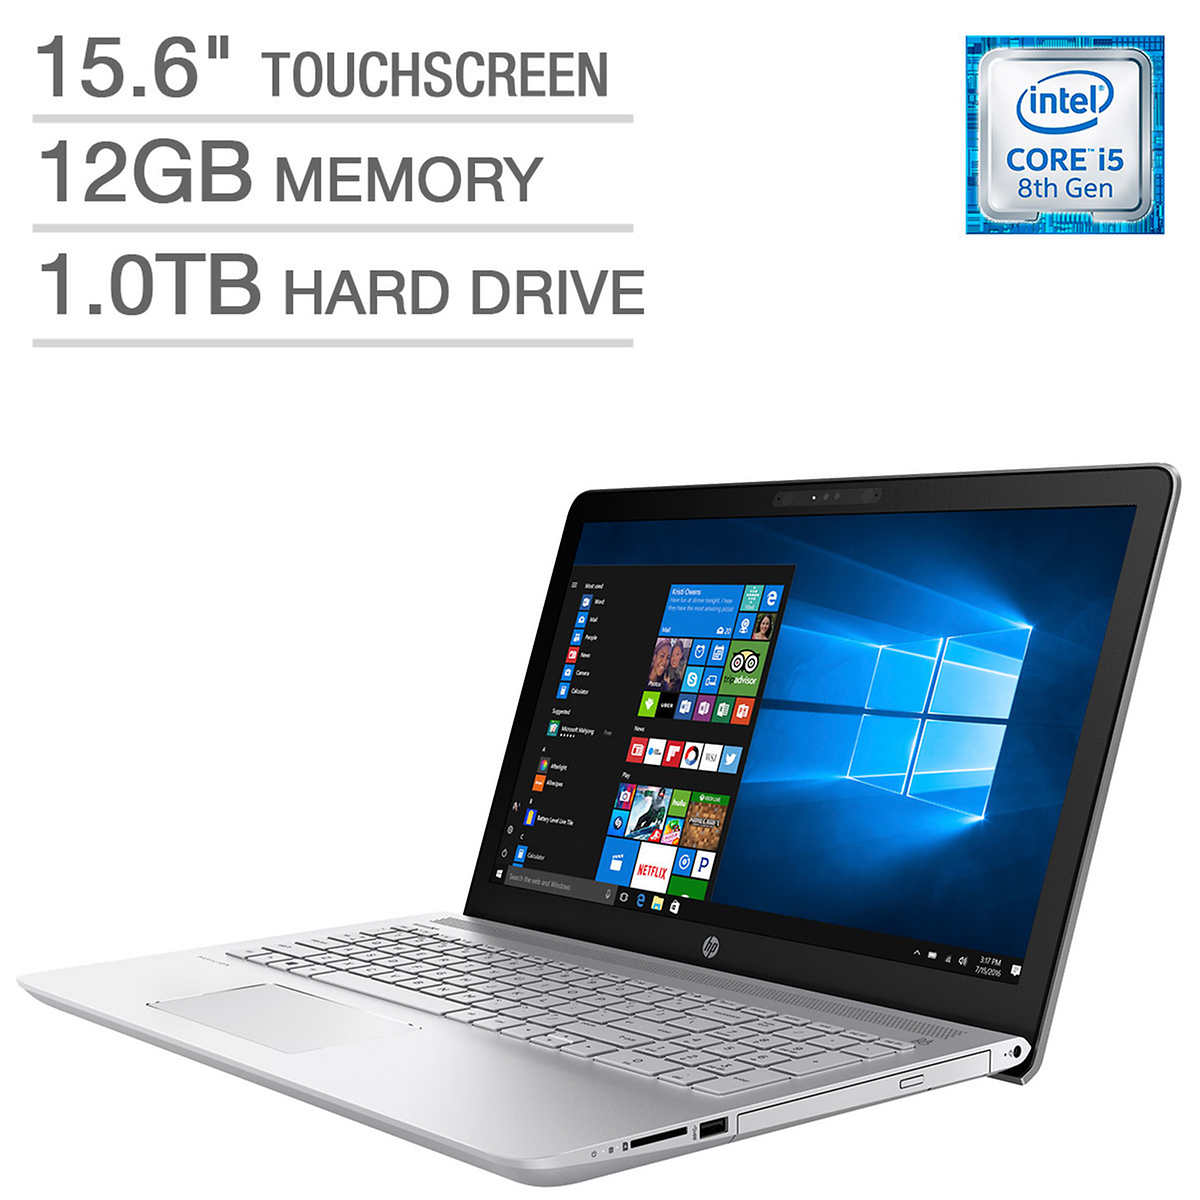 HP Pavilion 15 Cc123cl Touchscreen Laptop